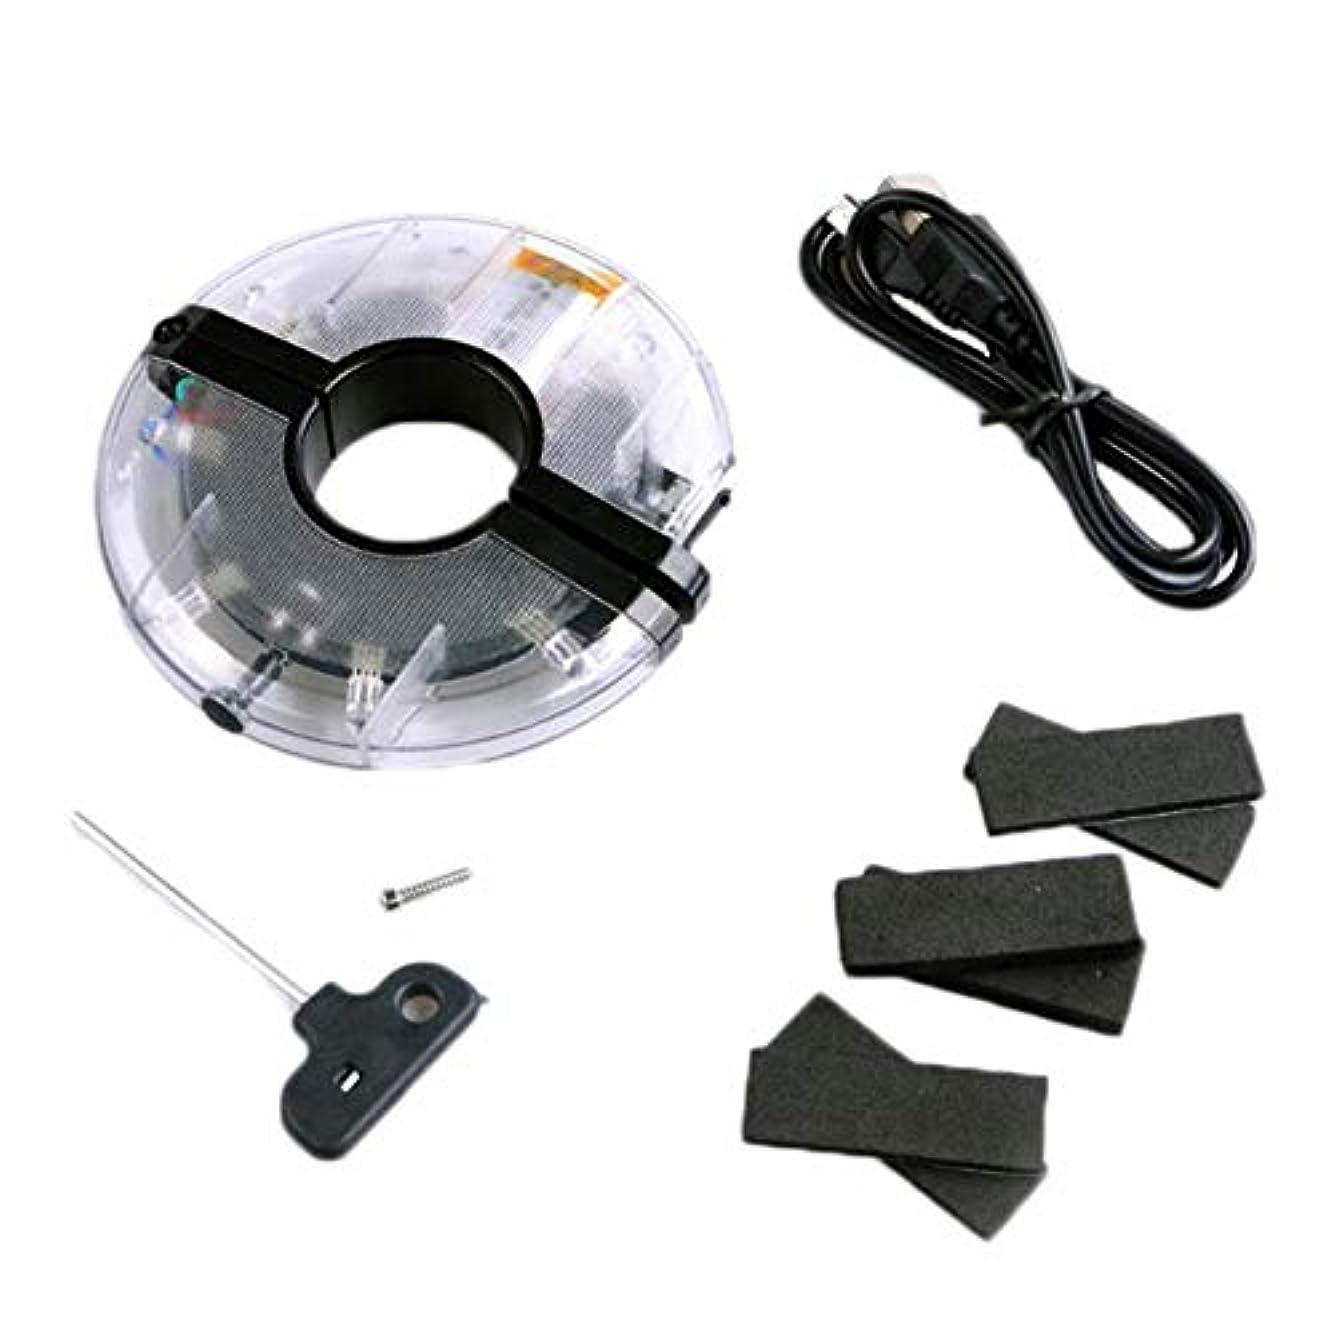 増強威信木製Alioay 自転車のライト 自転車のホイールライトusb led 充電式 テールランプ 夜間 事故 防止 ライト IP65防水 USB充電 簡単取り付け